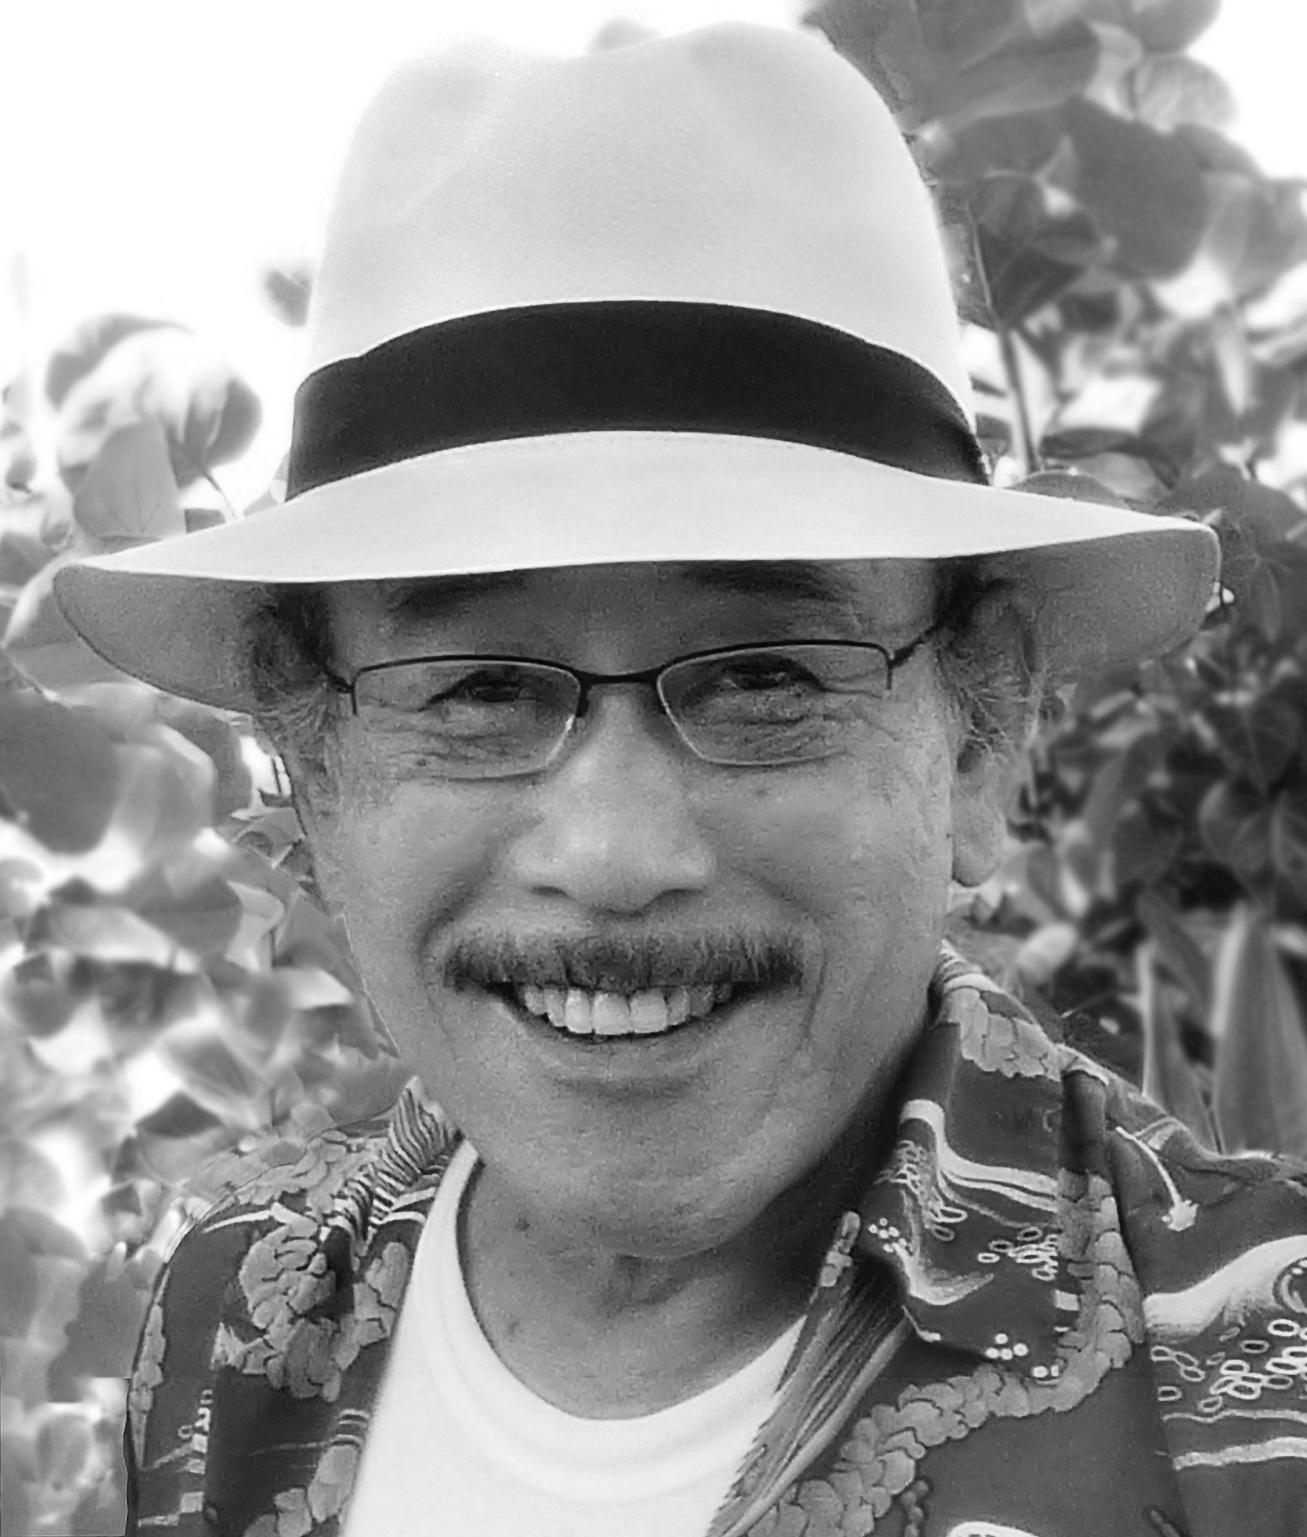 Ronald Mutsunobu Fujikake